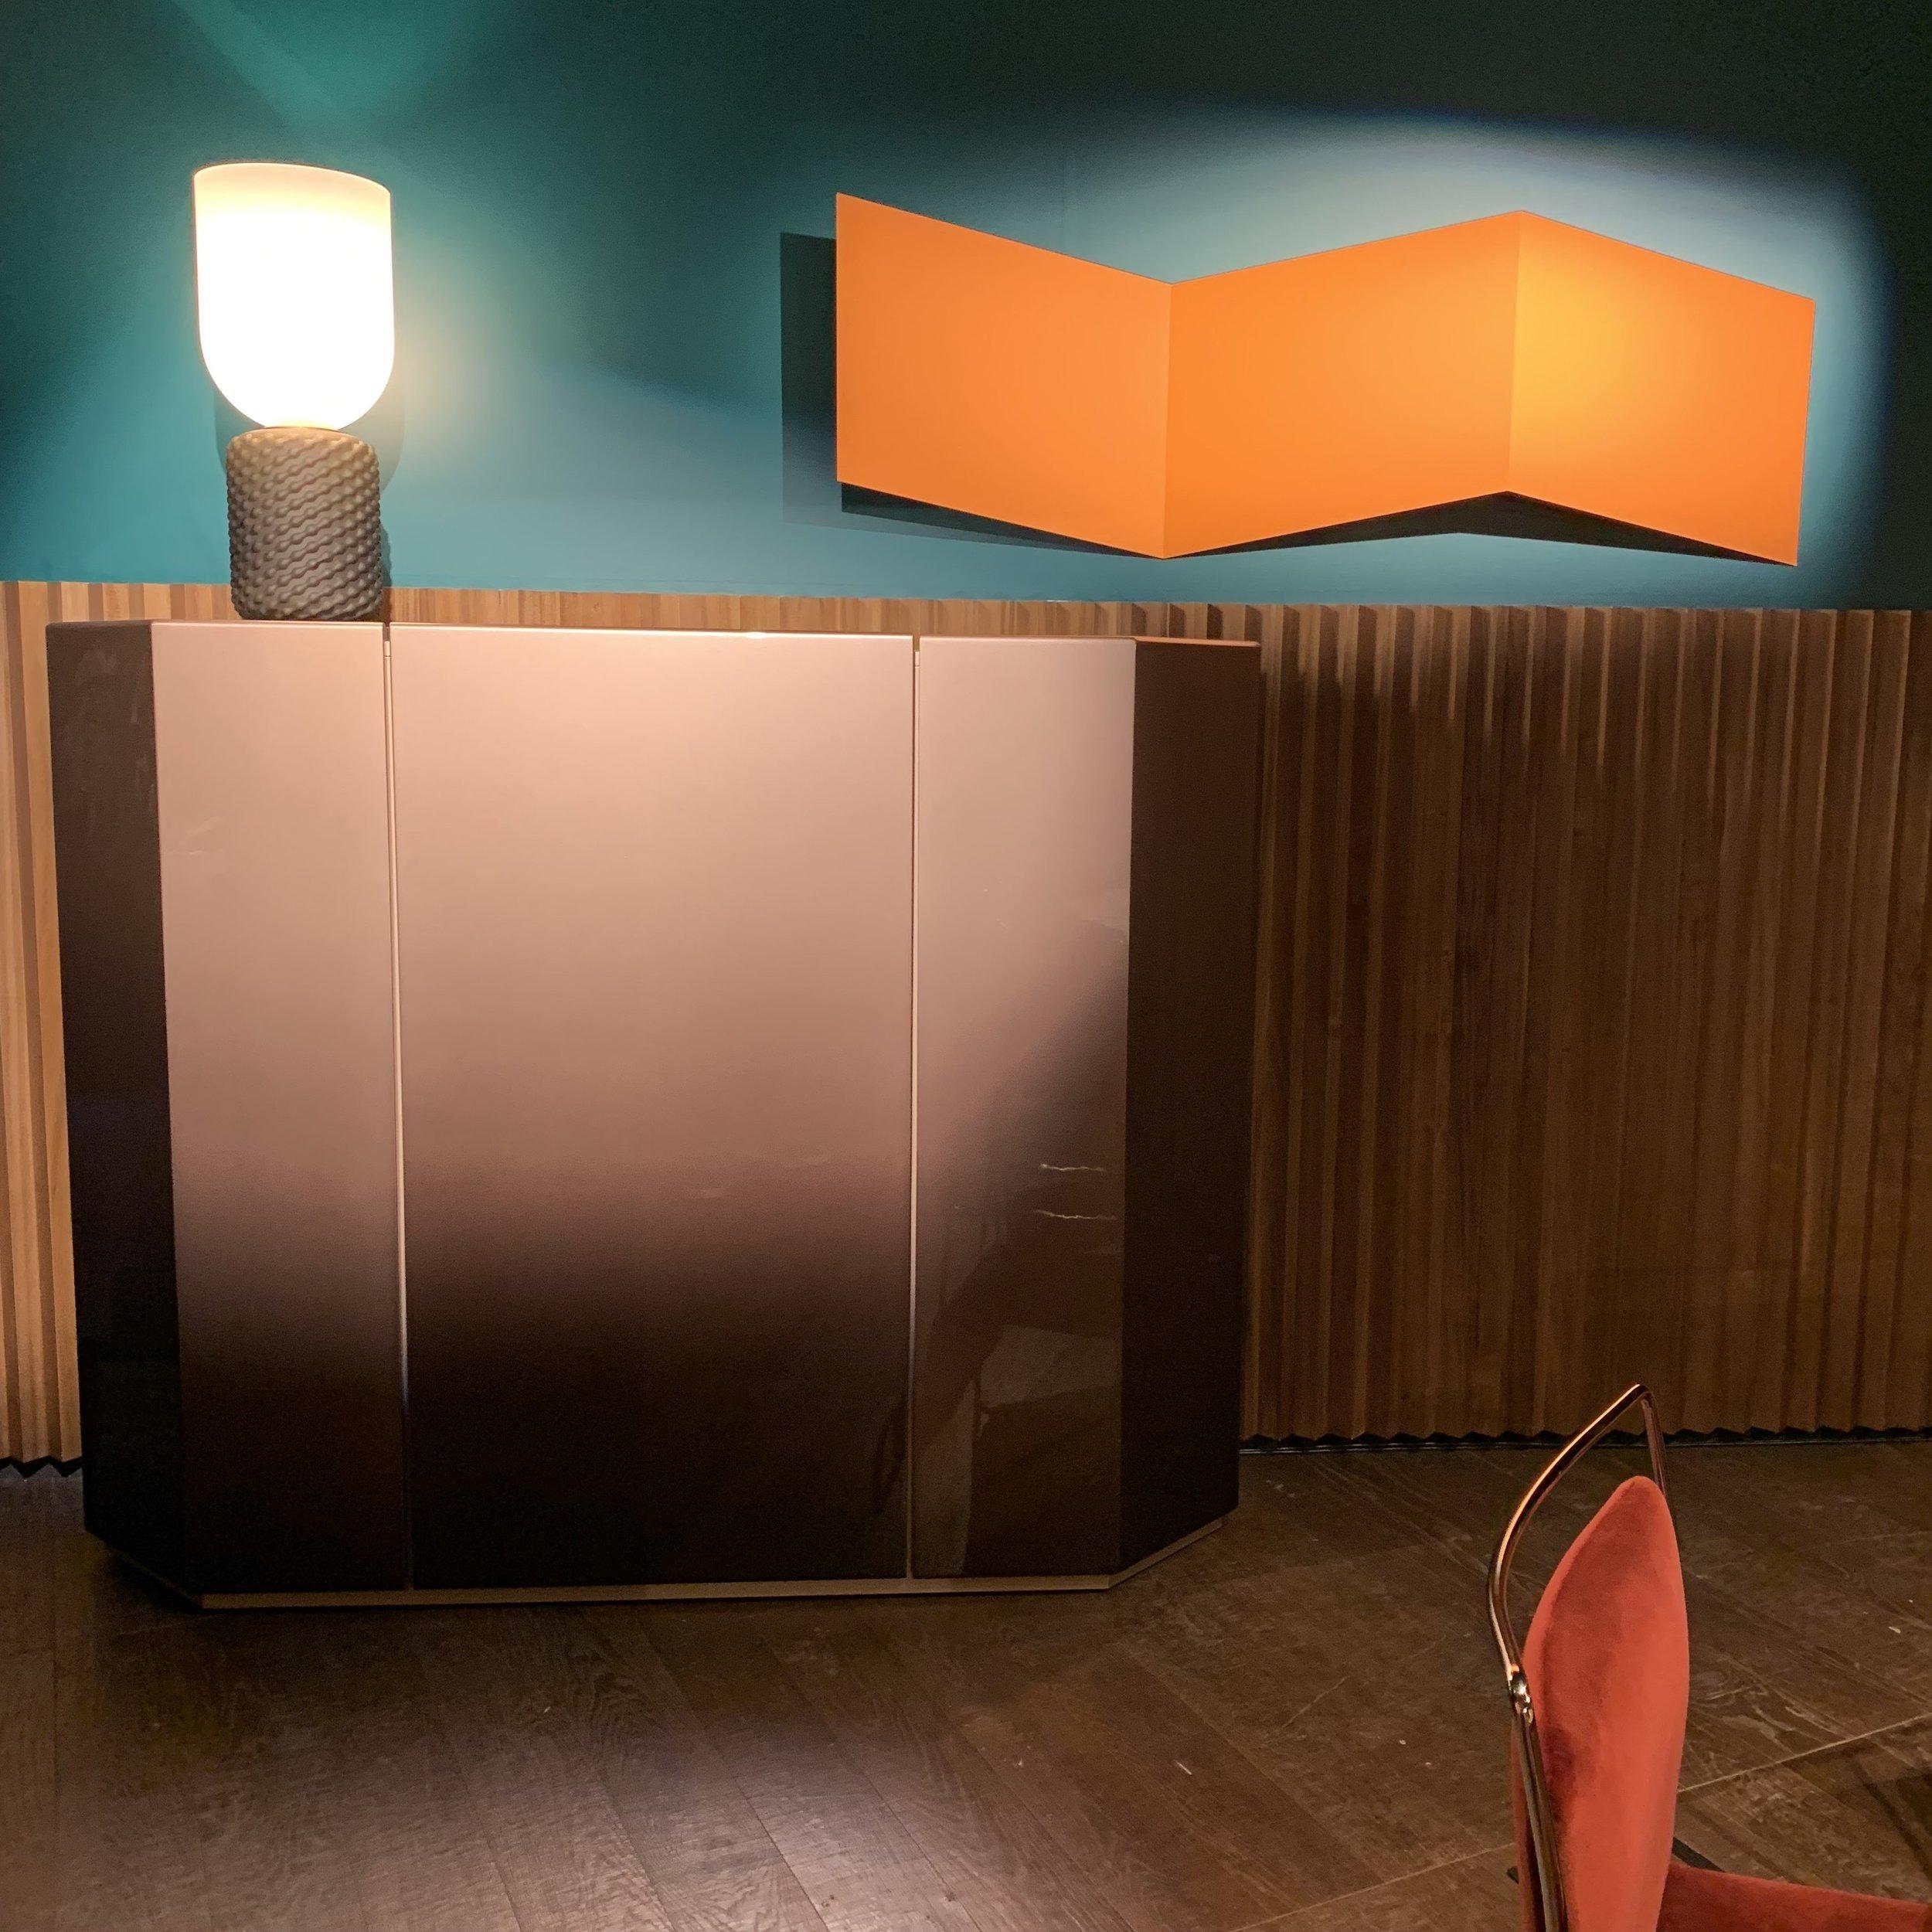 020 Salone del Mobile 2019 Lex de gooijer interiors rotterdam.JPG